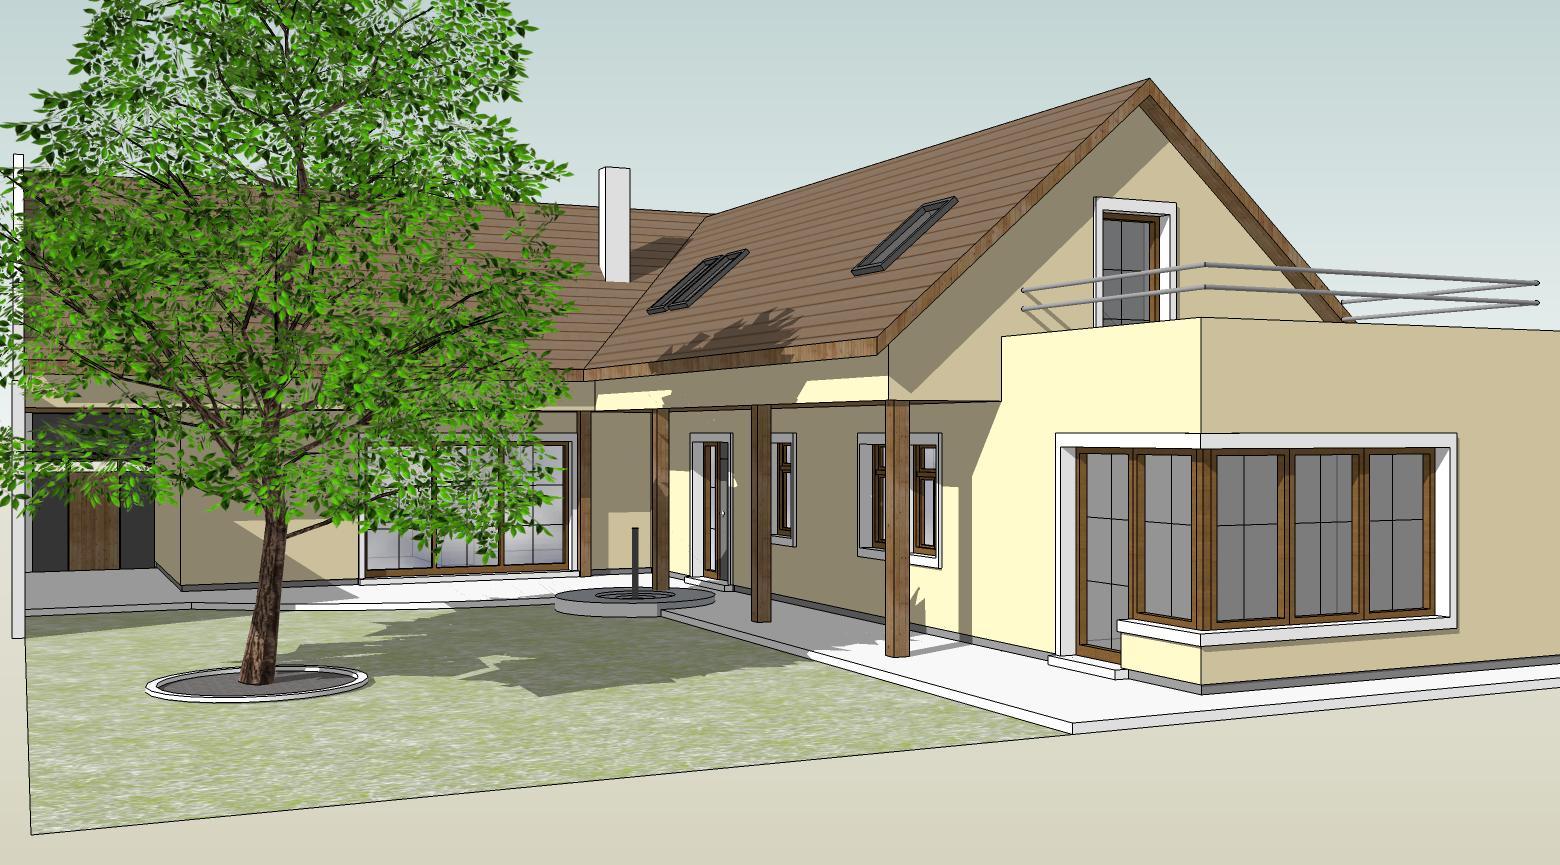 Náš budúci domov - rekonštrukcia rodinného domu - Obrázok č. 71